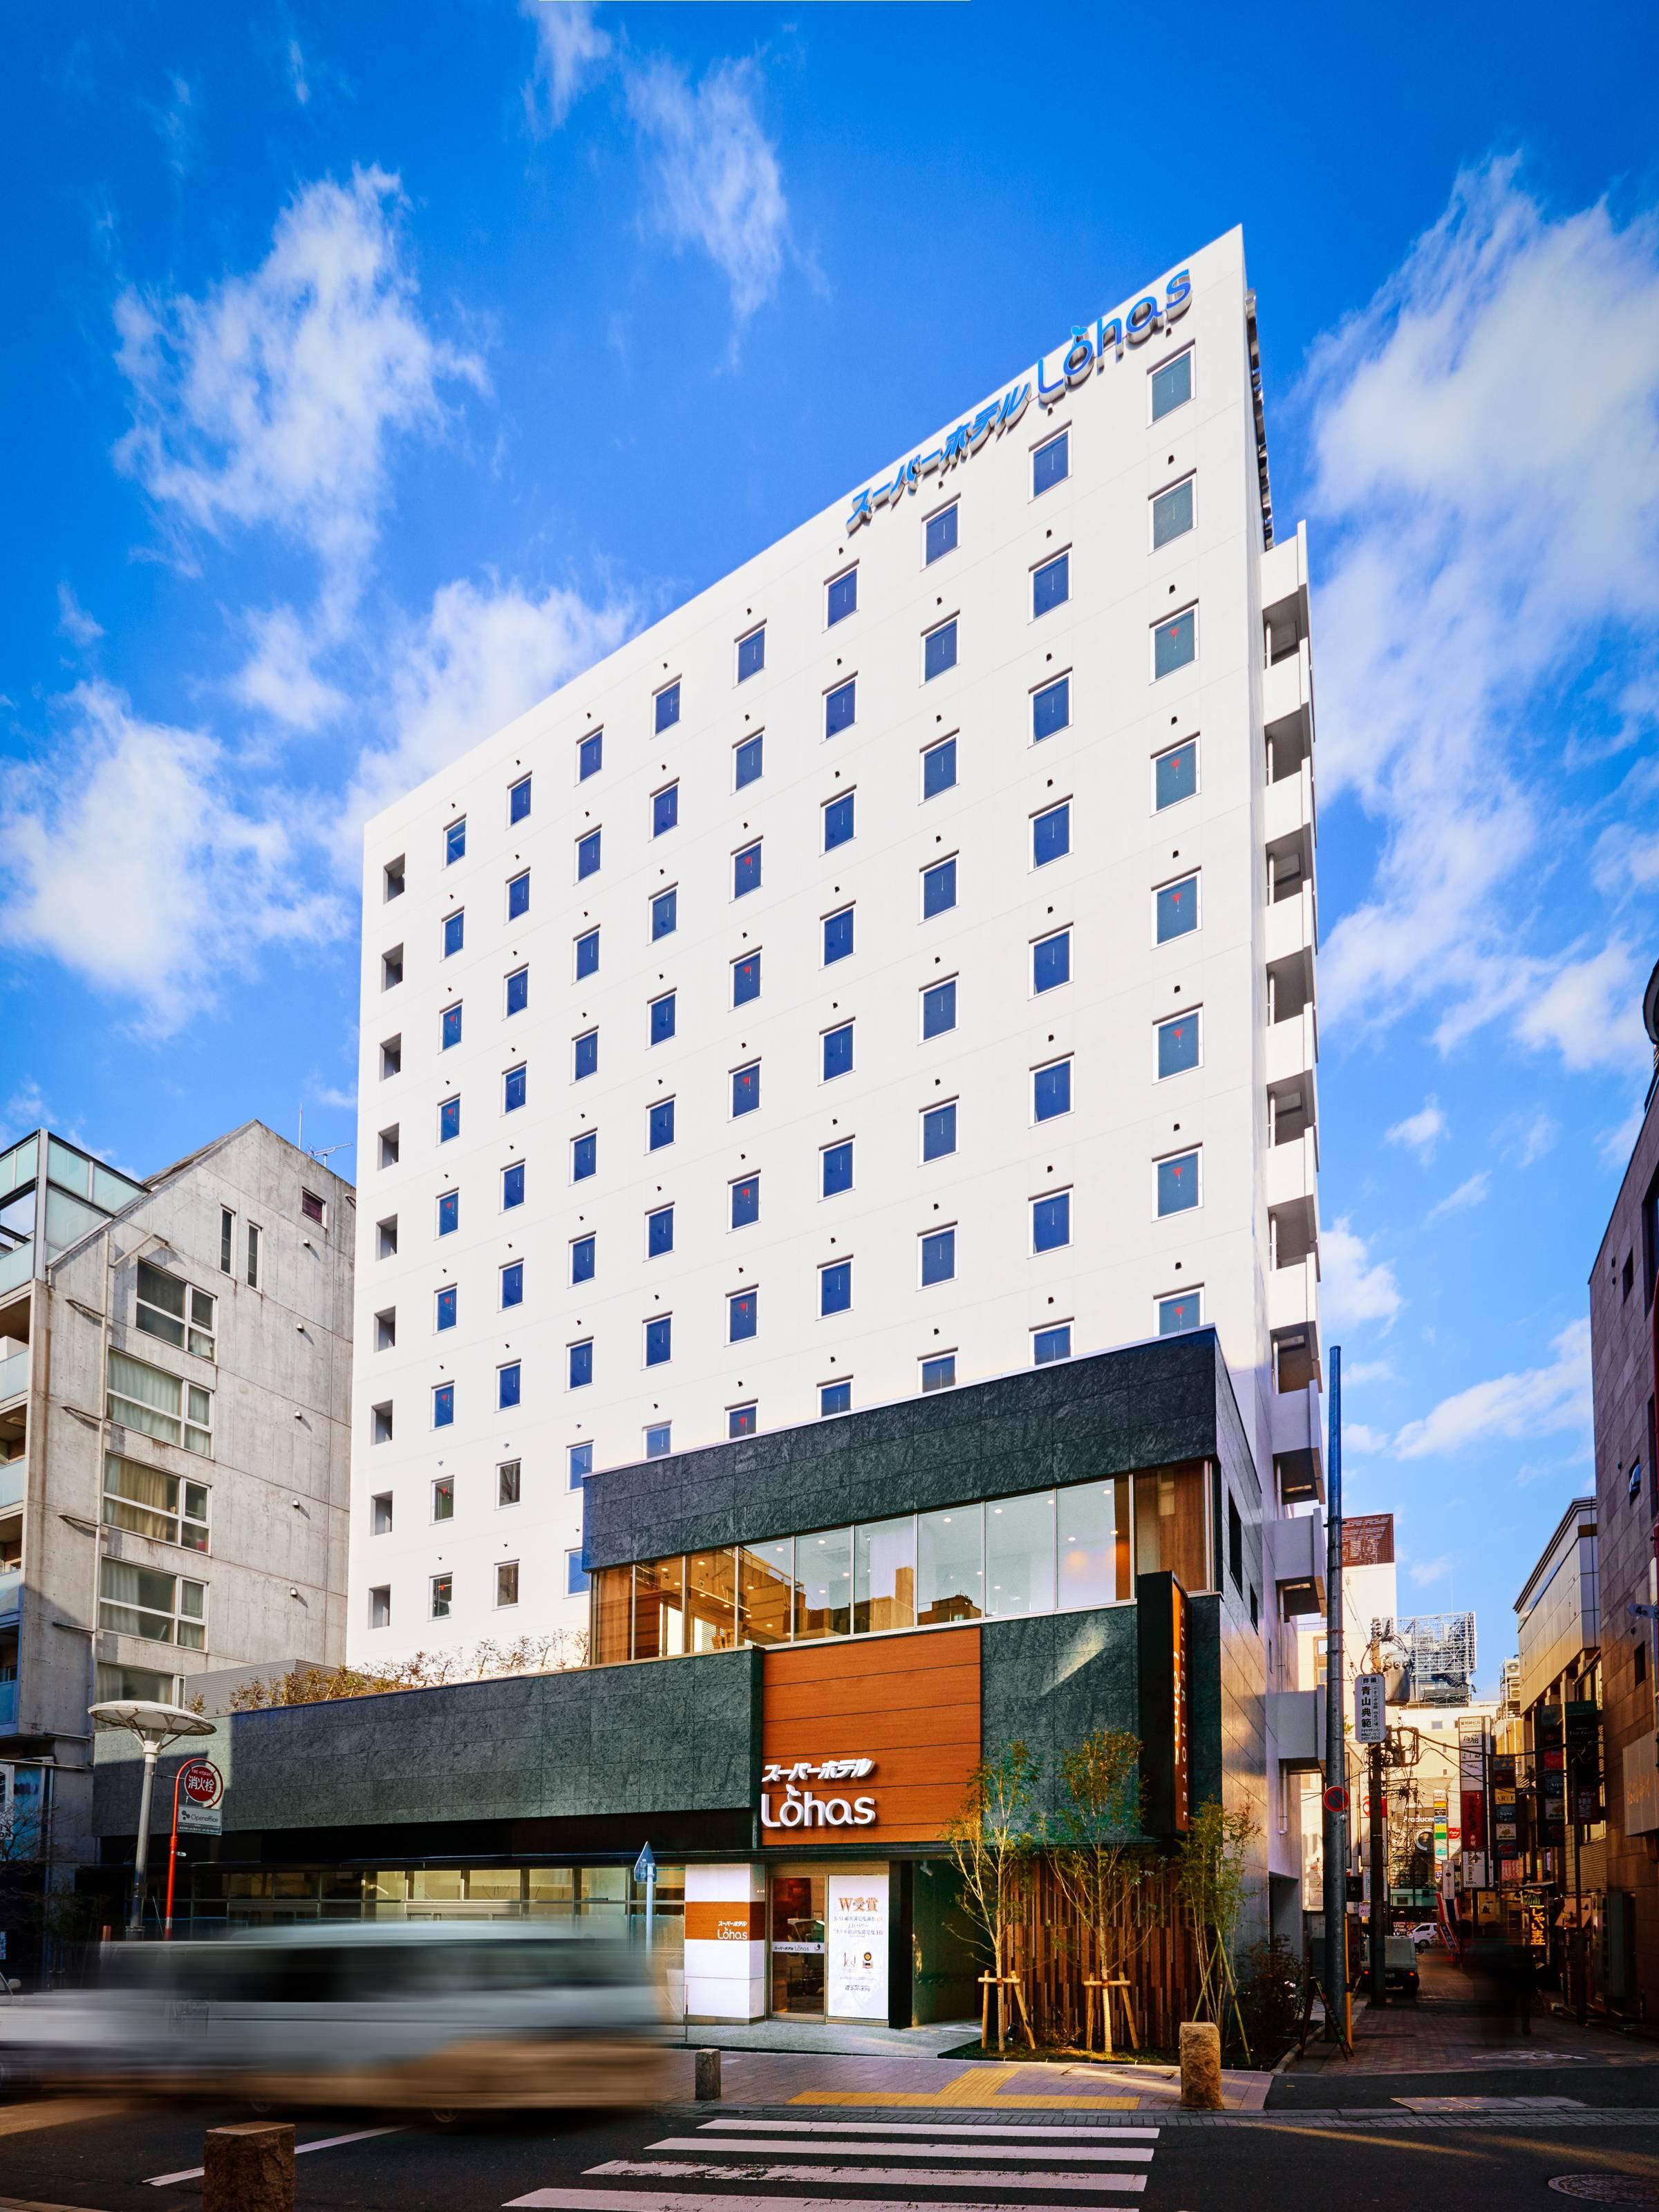 スーパーホテルLohas赤坂